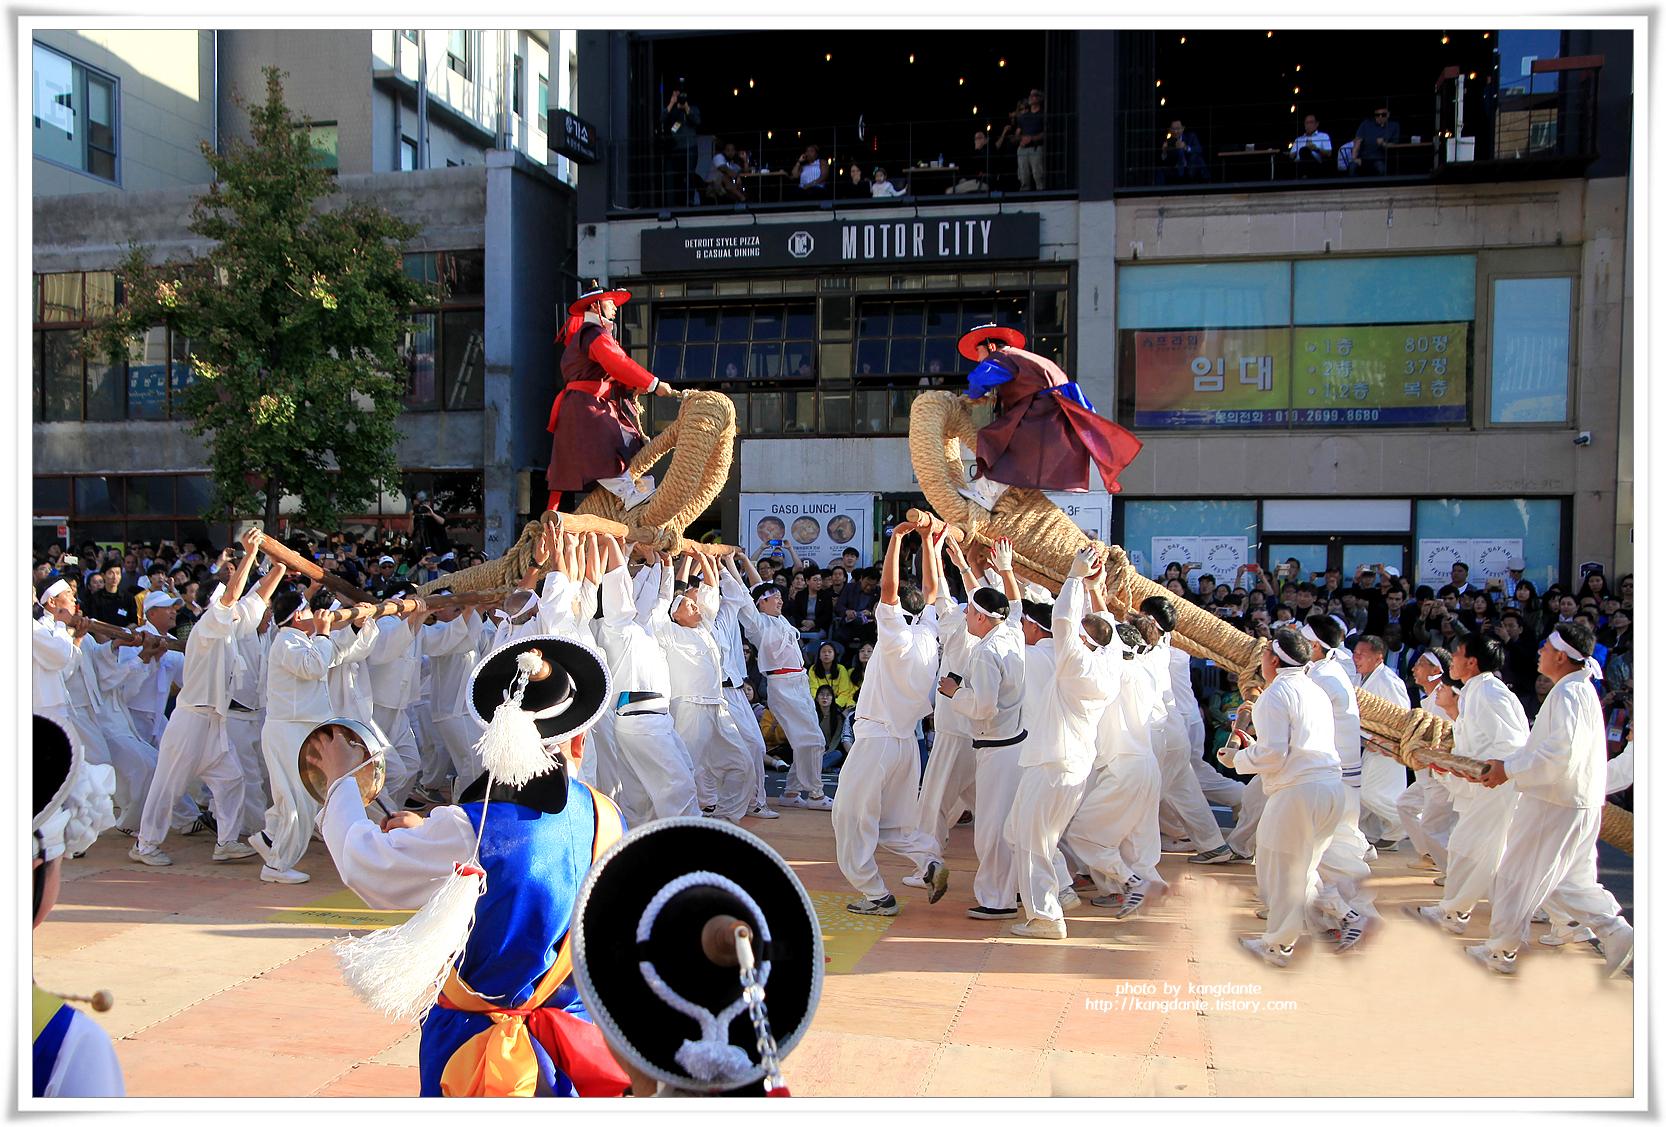 전통 민속놀이 고싸움놀이, 2019 이태원 지구촌축제